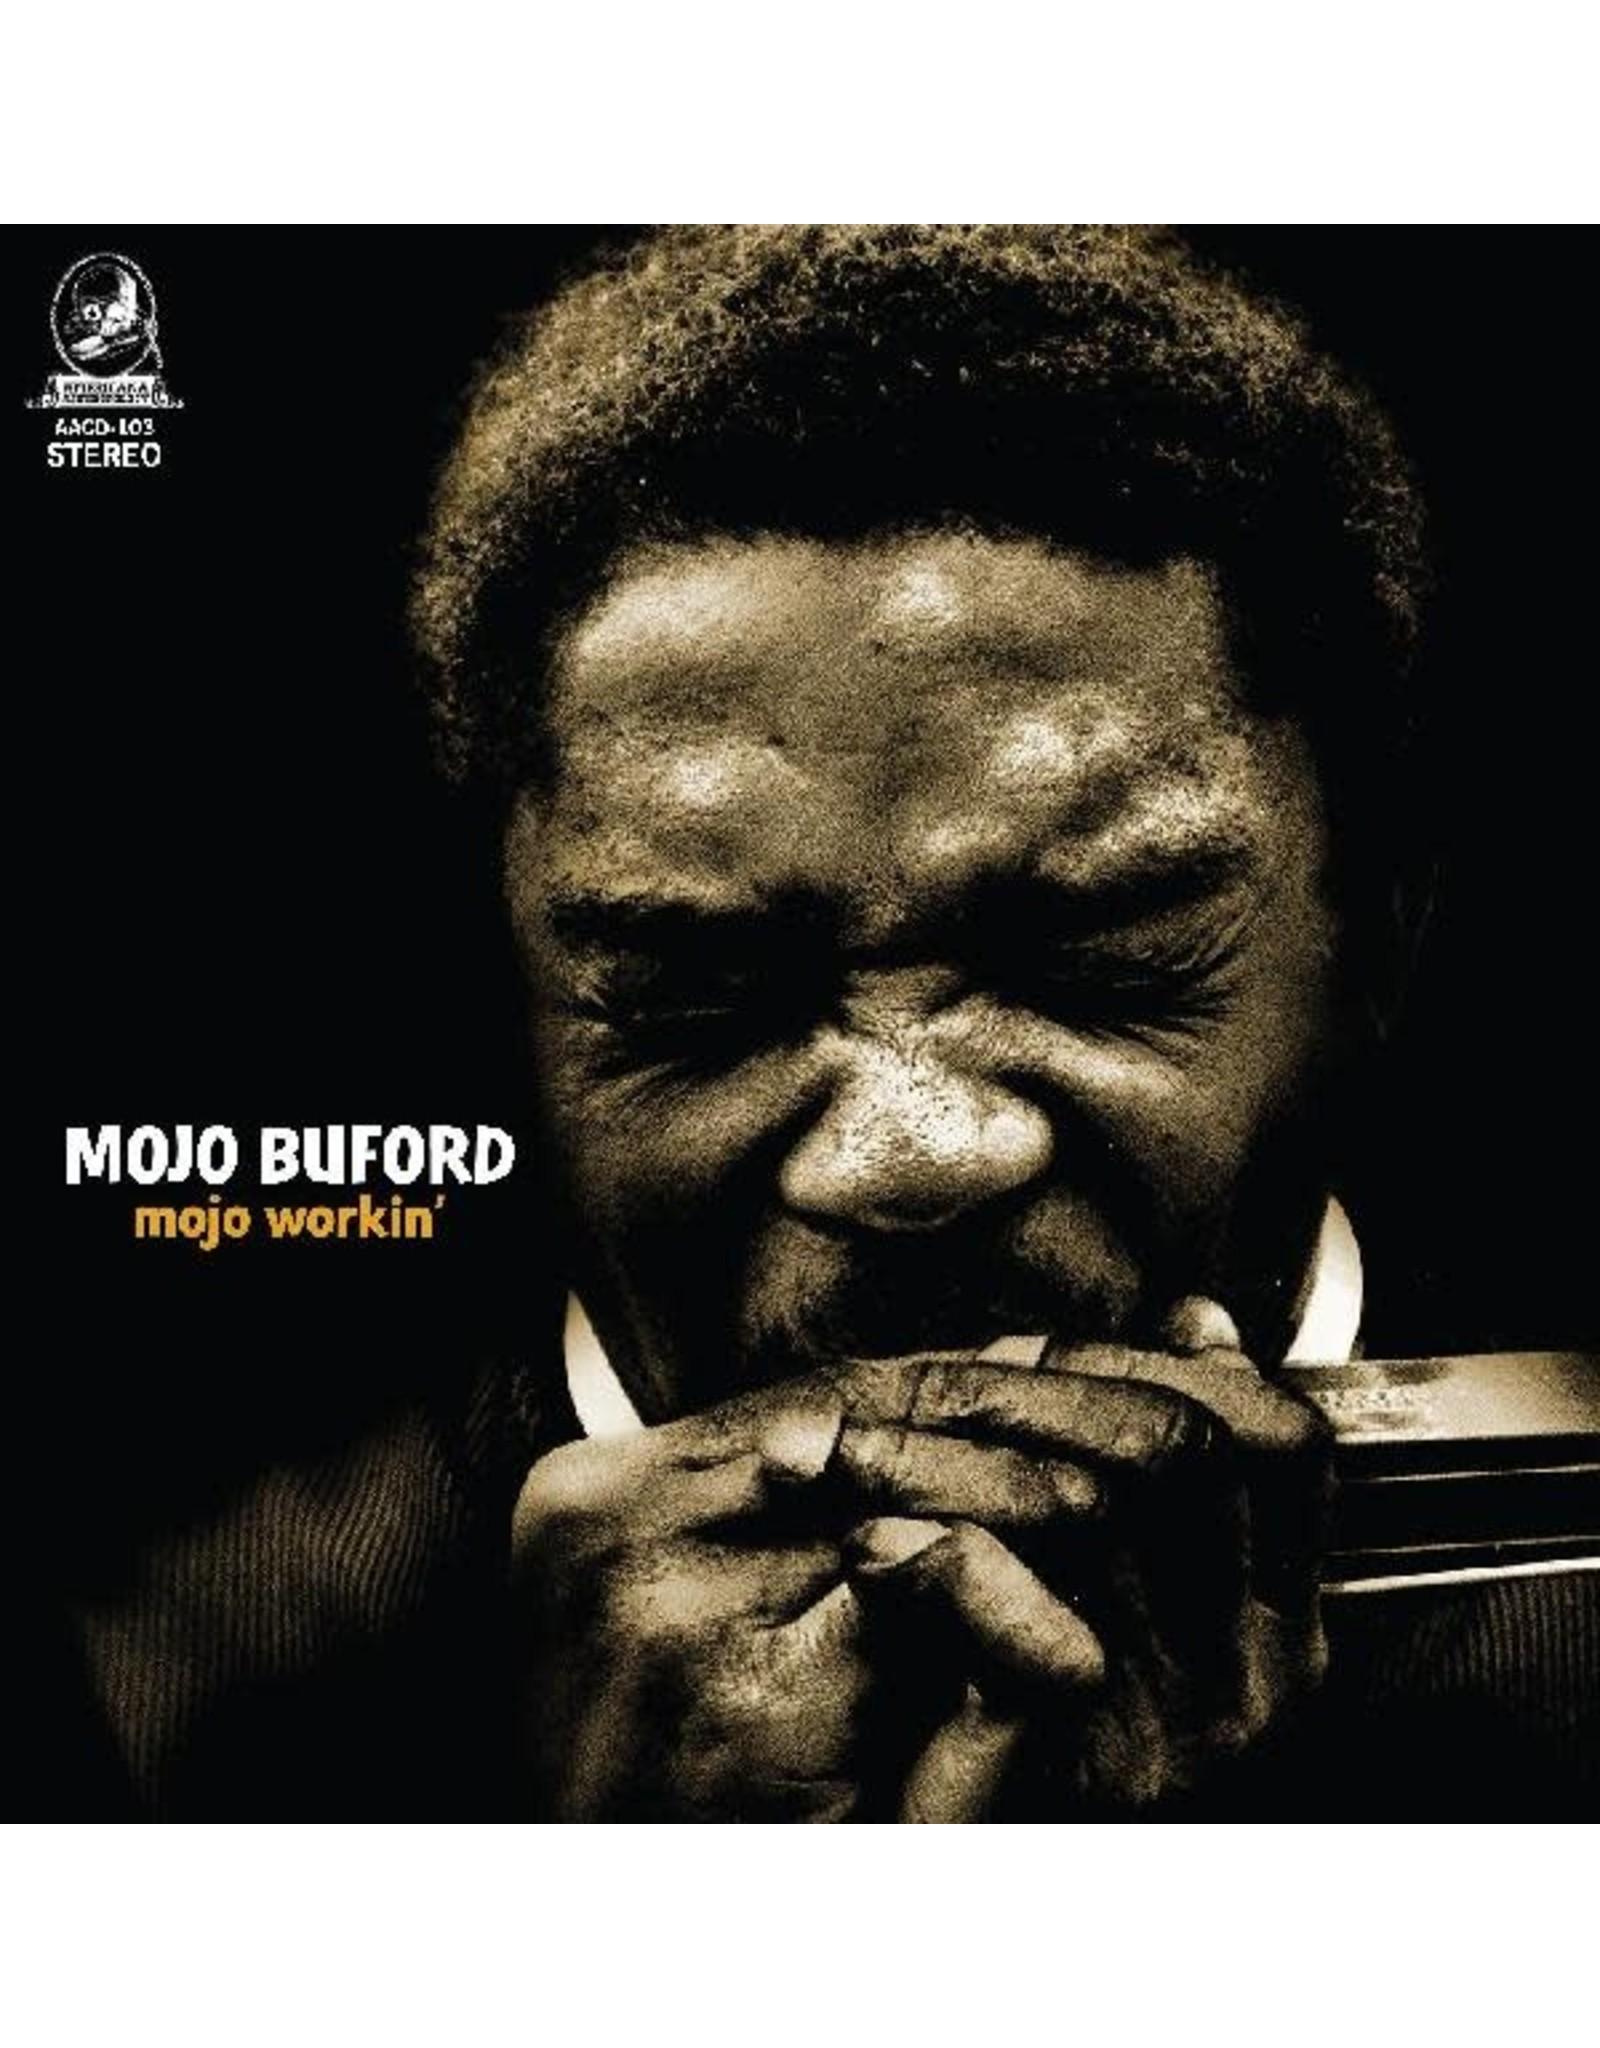 New Vinyl Mojo Buford - Mojo Workin' LP